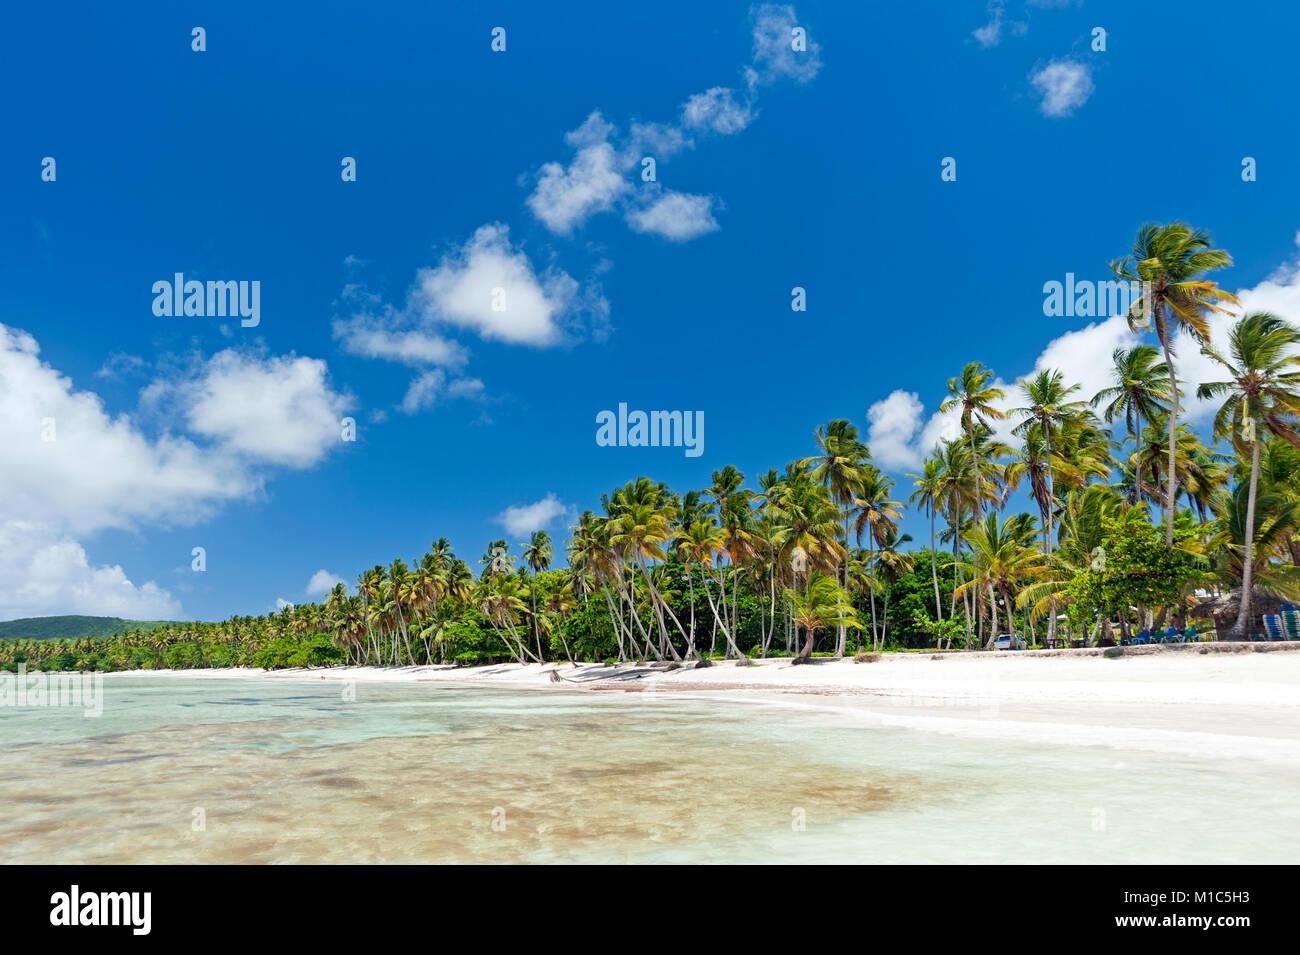 Bella tropicali dei Caraibi beach sulla penisola di Samaná, Repubblica Dominicana Immagini Stock